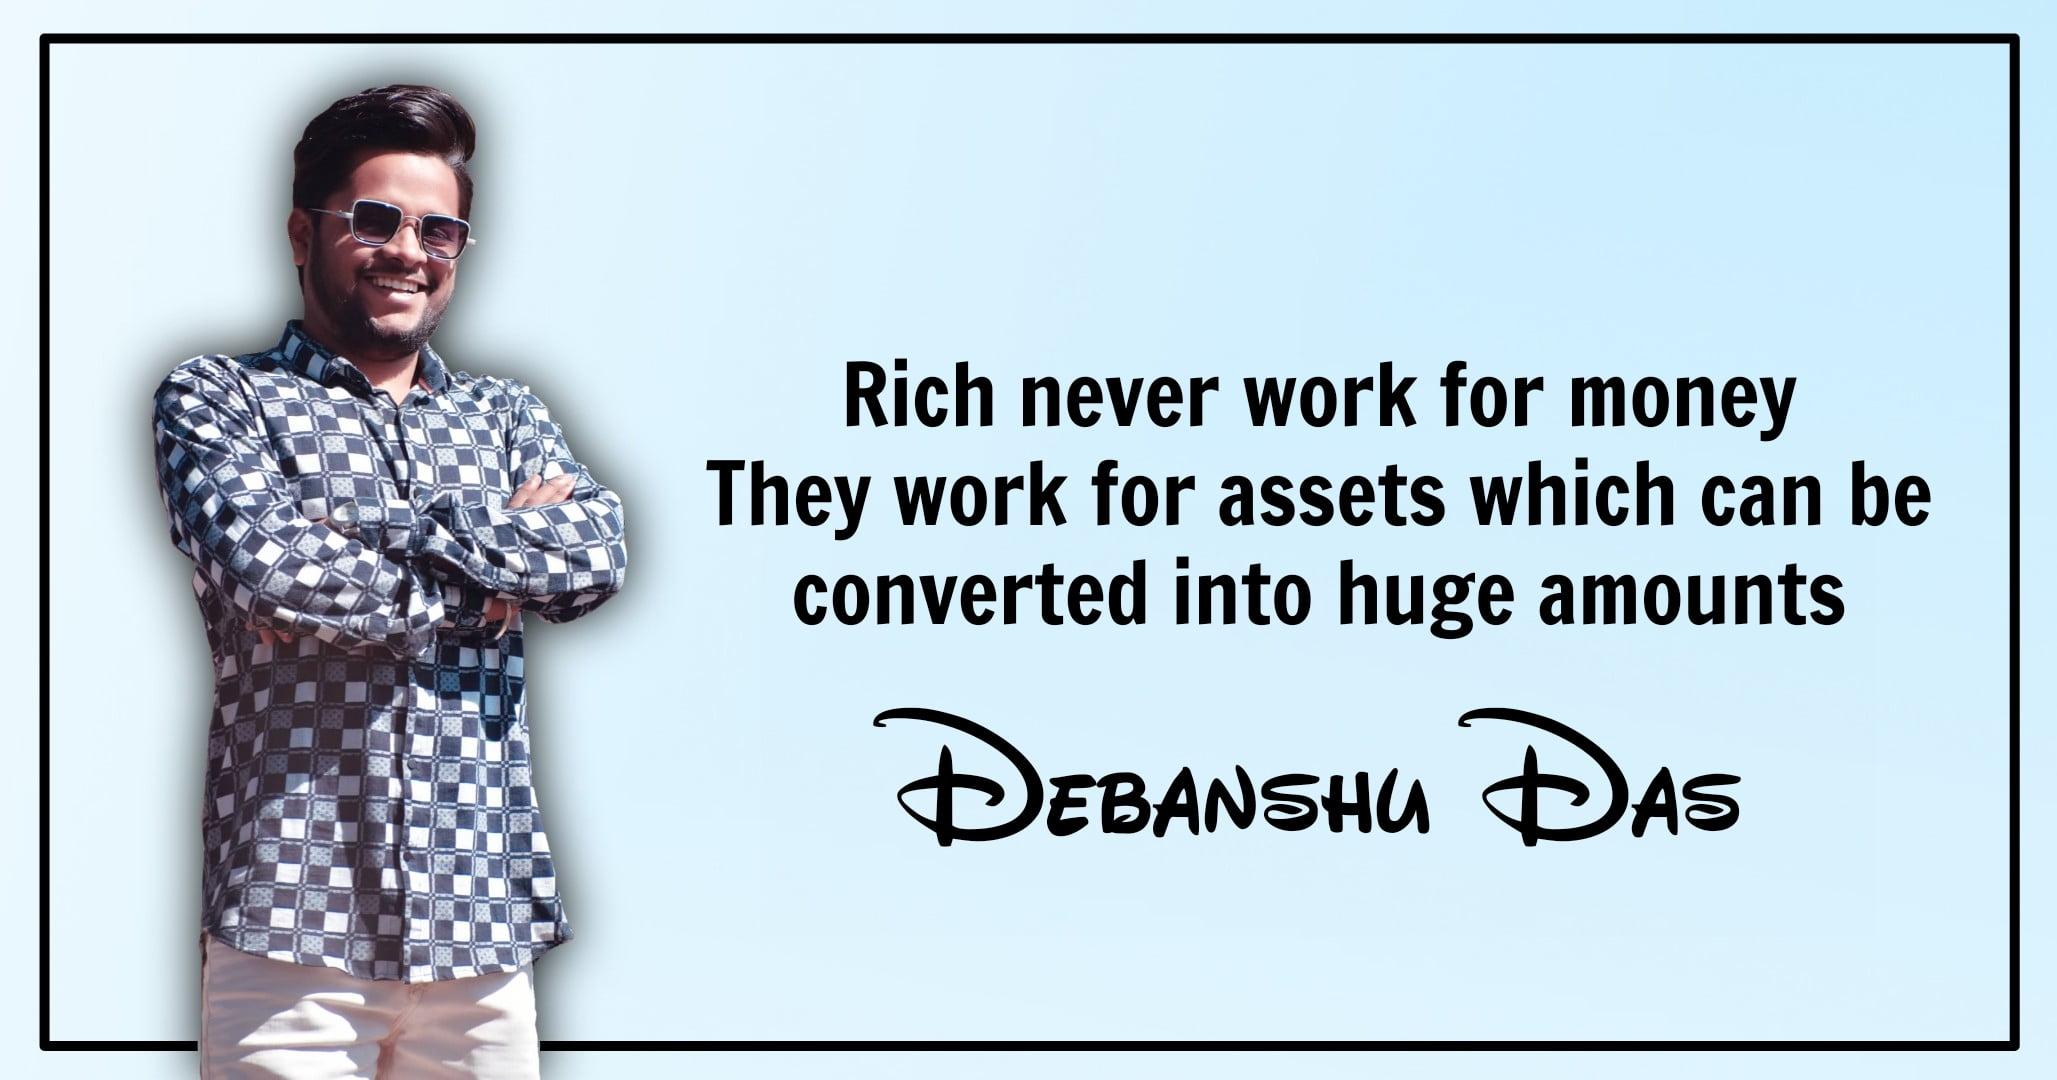 Interview with an Influencer: Debanshu Das